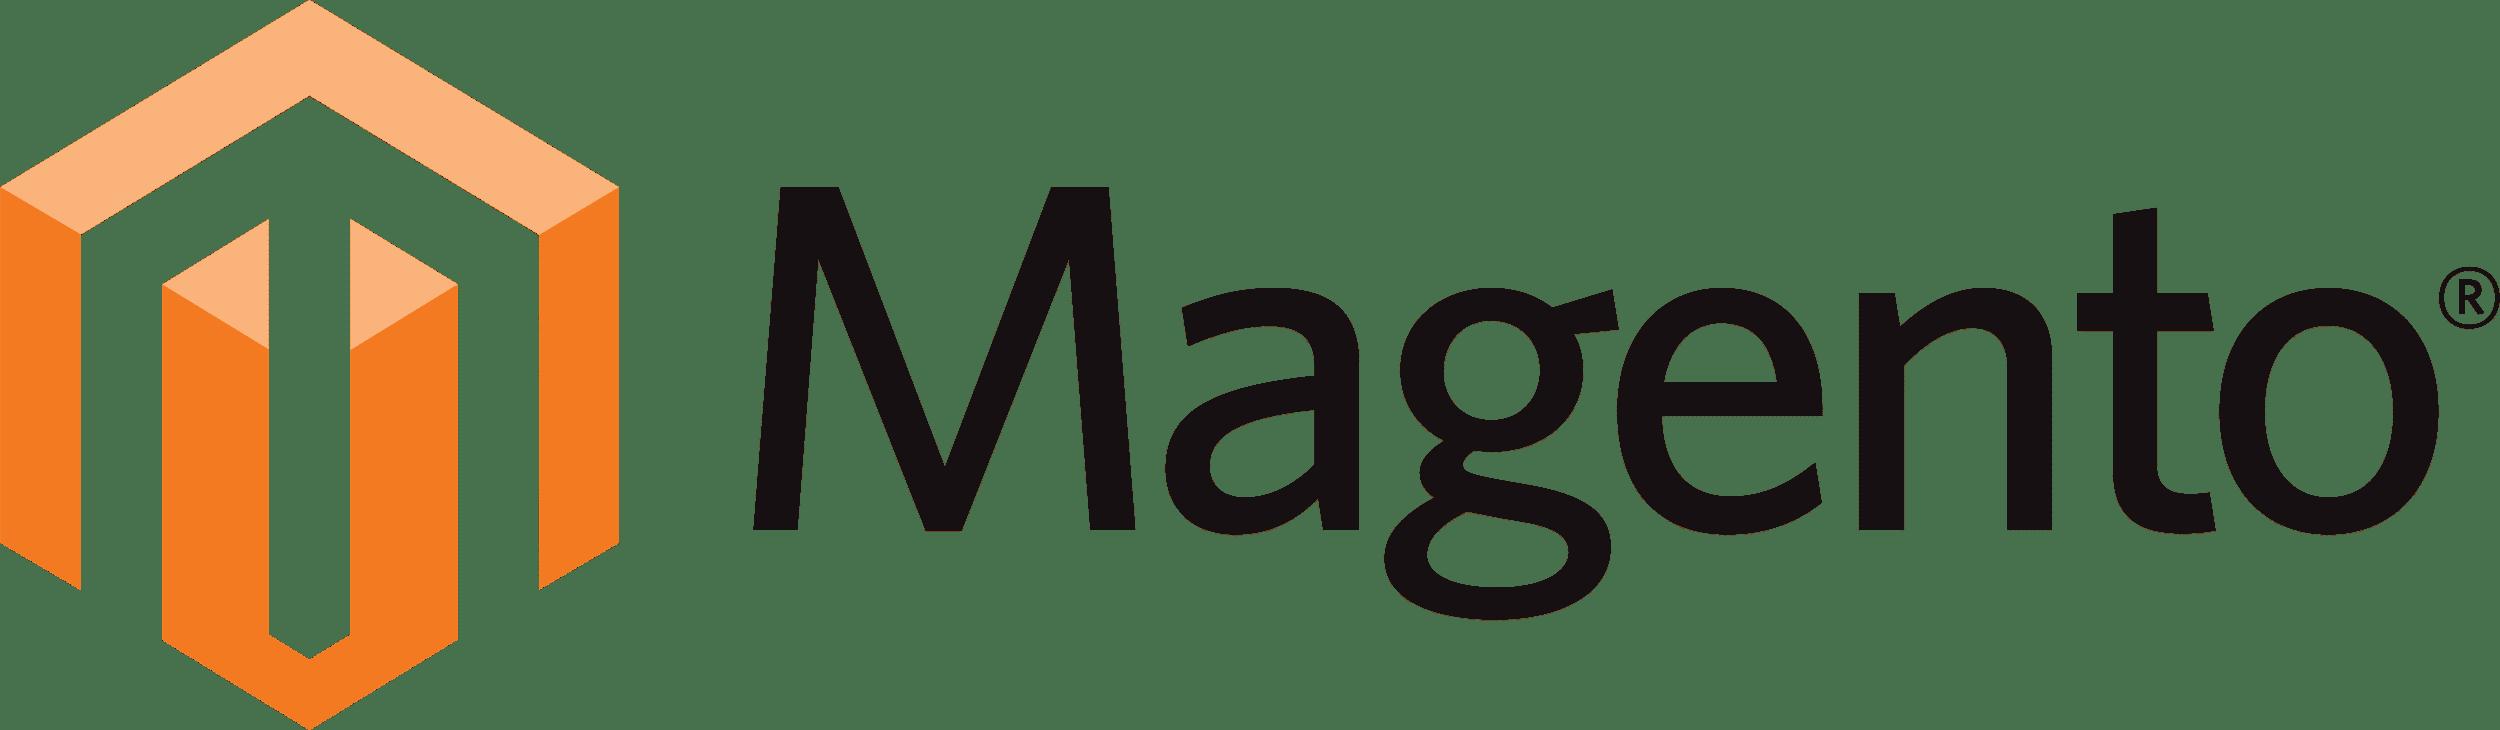 magento-logo-png